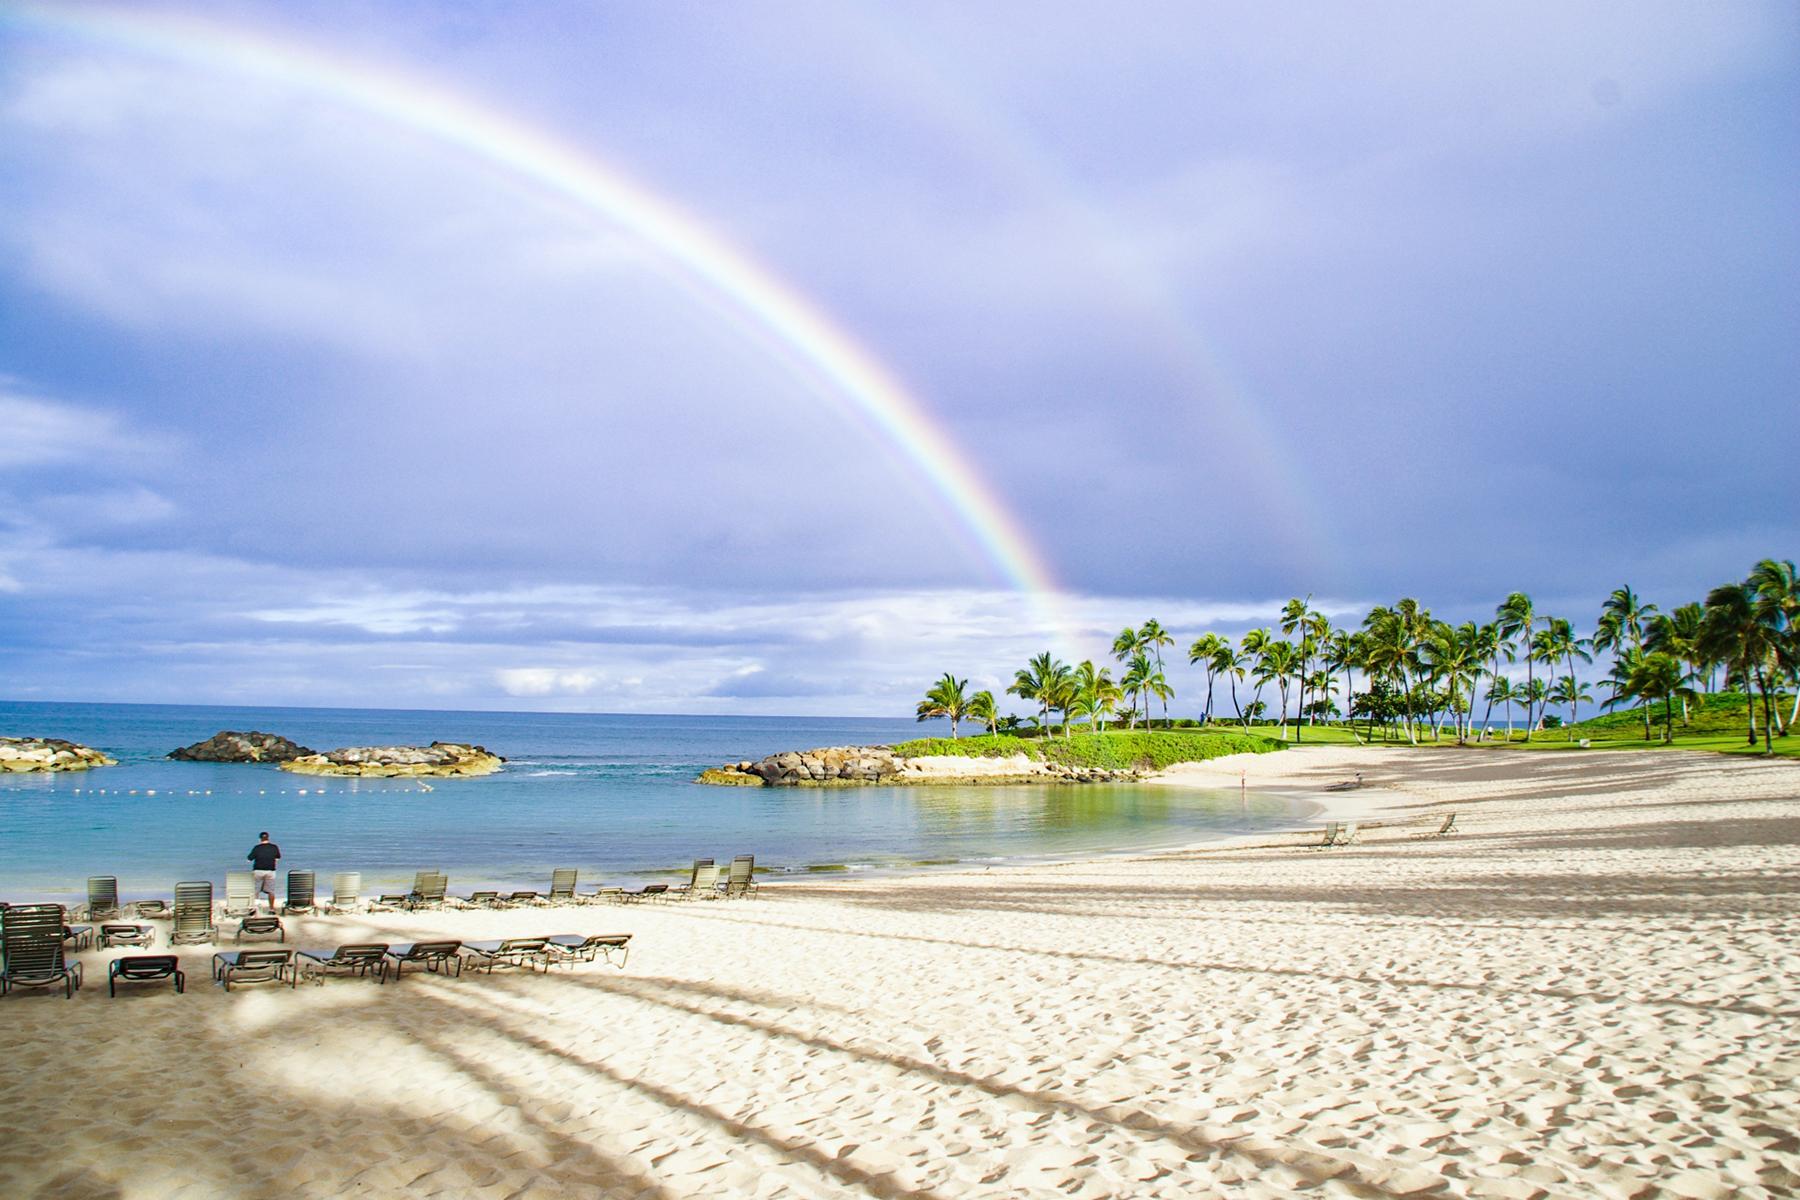 ハワイのビーチのイメージ写真